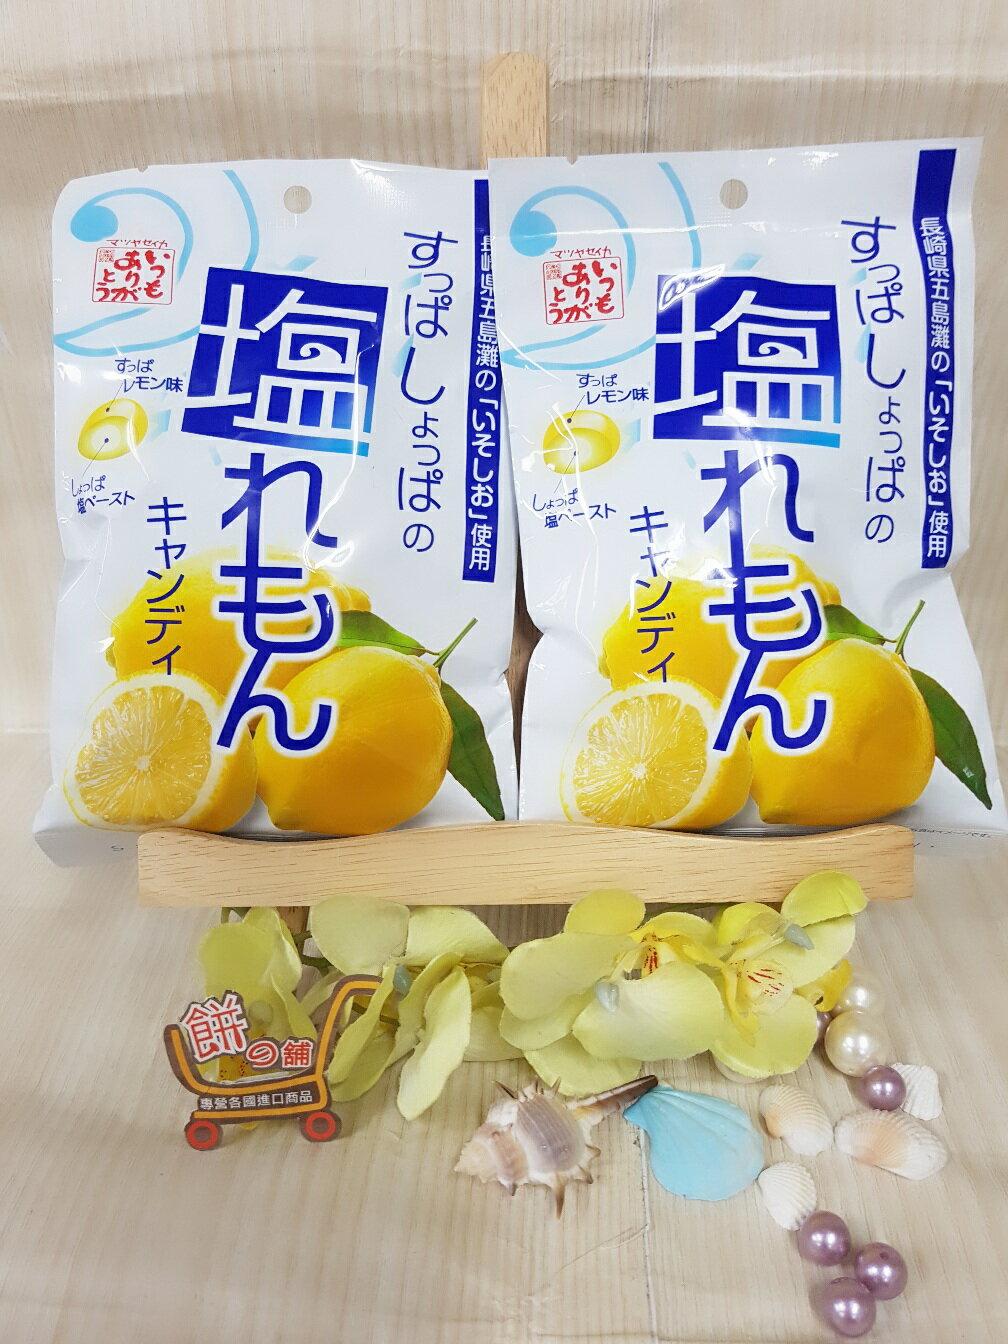 松屋鹽檸檬糖100g包